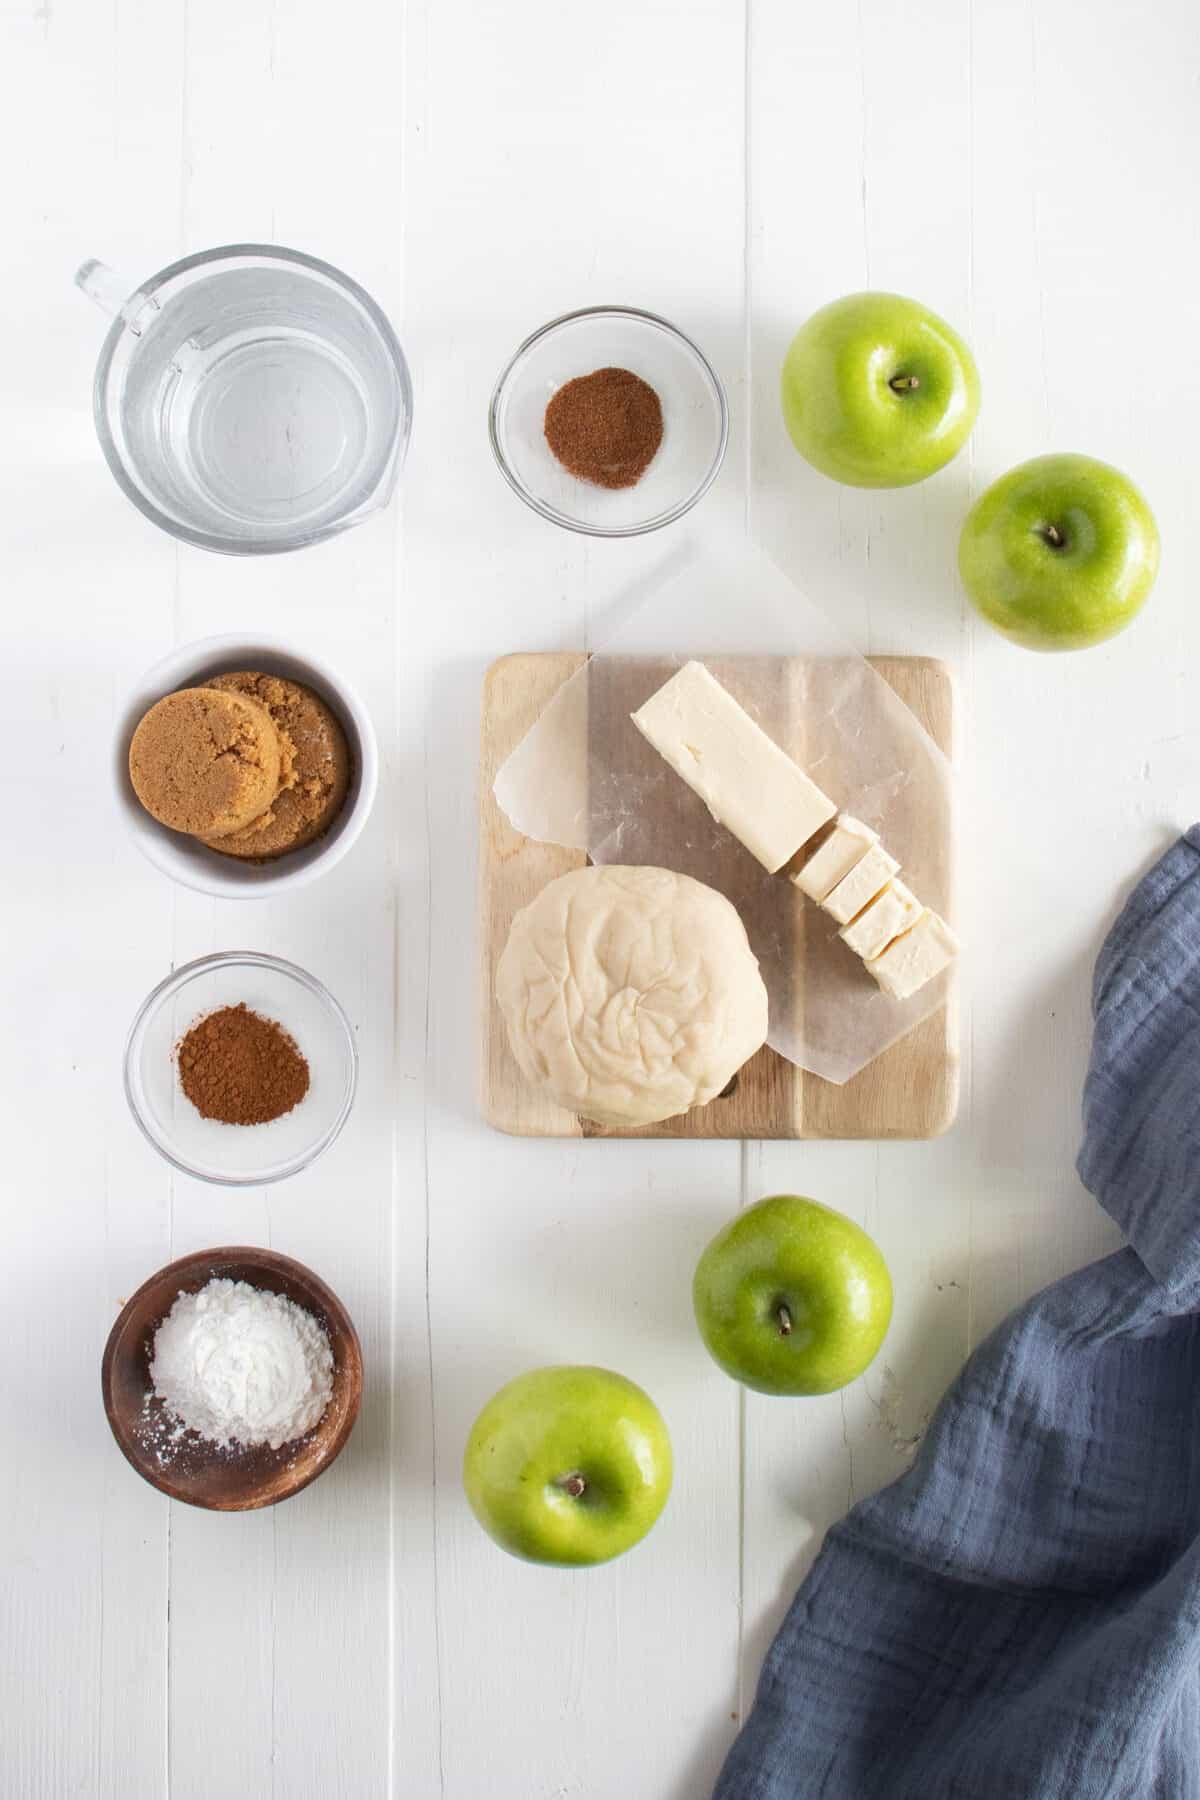 ingredients for apple dumplings